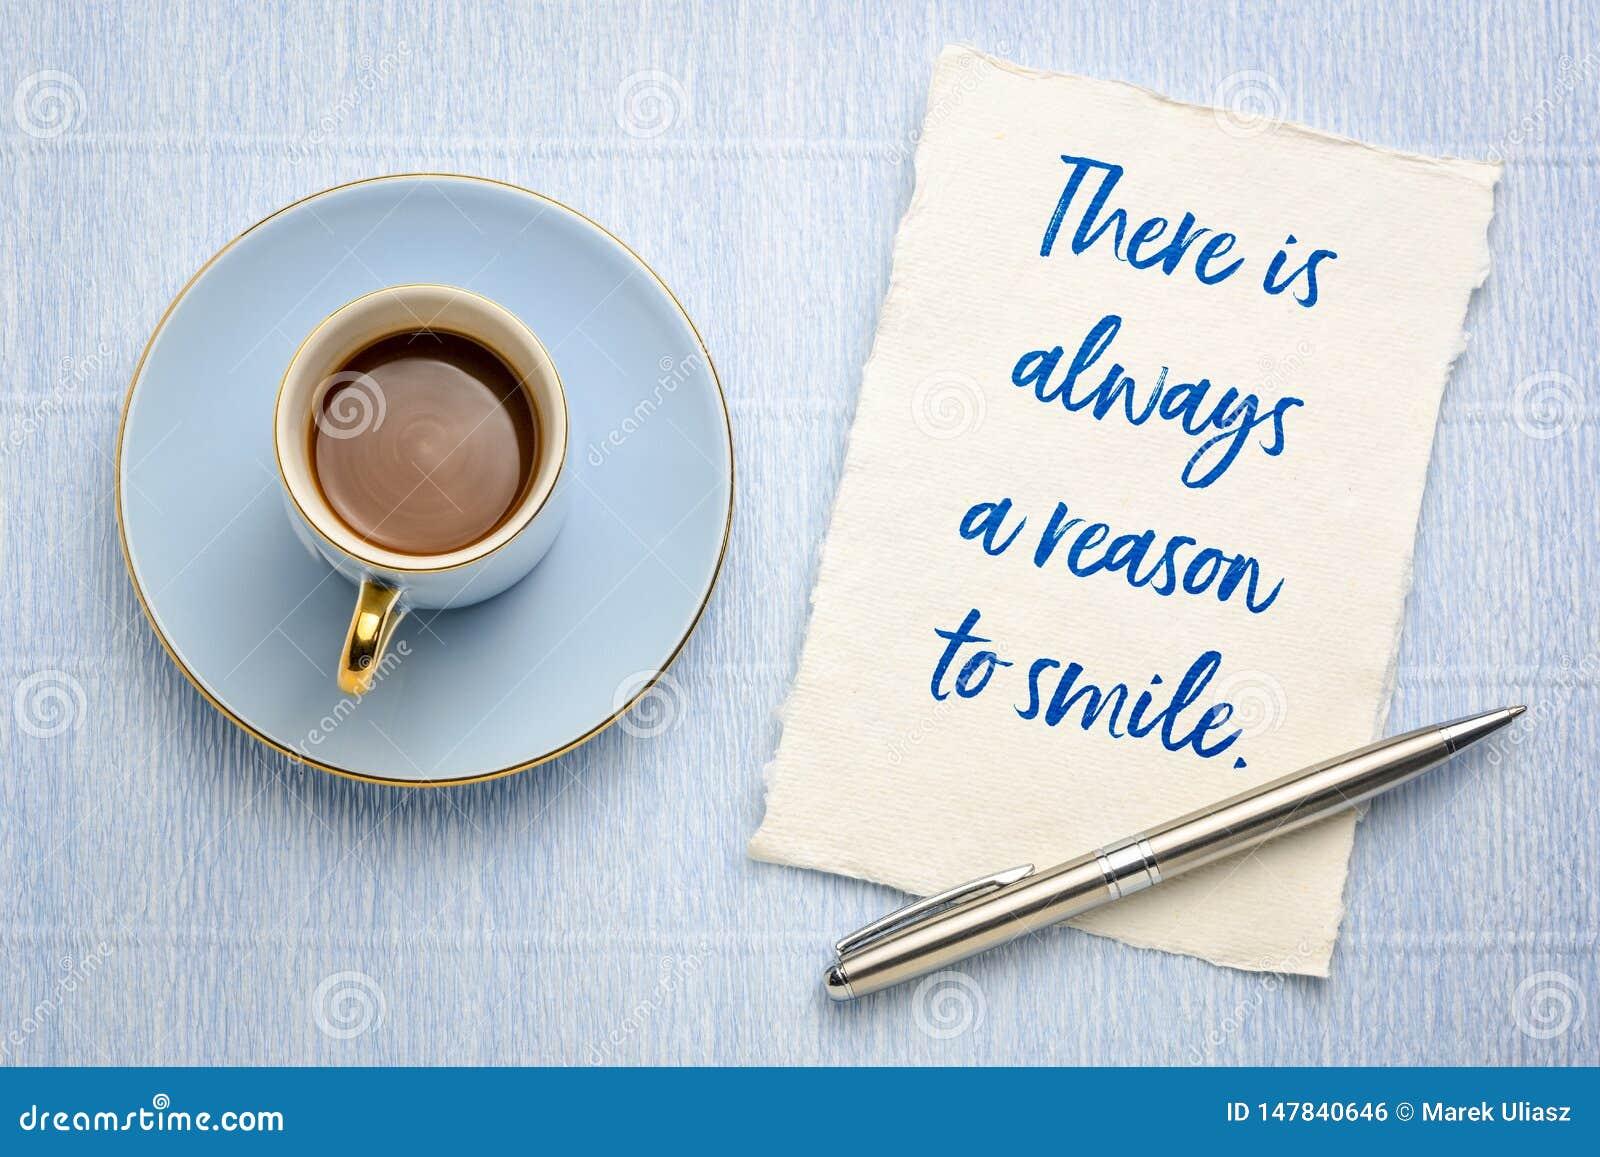 Υπάρχει πάντα ένας λόγος να χαμογελάσει